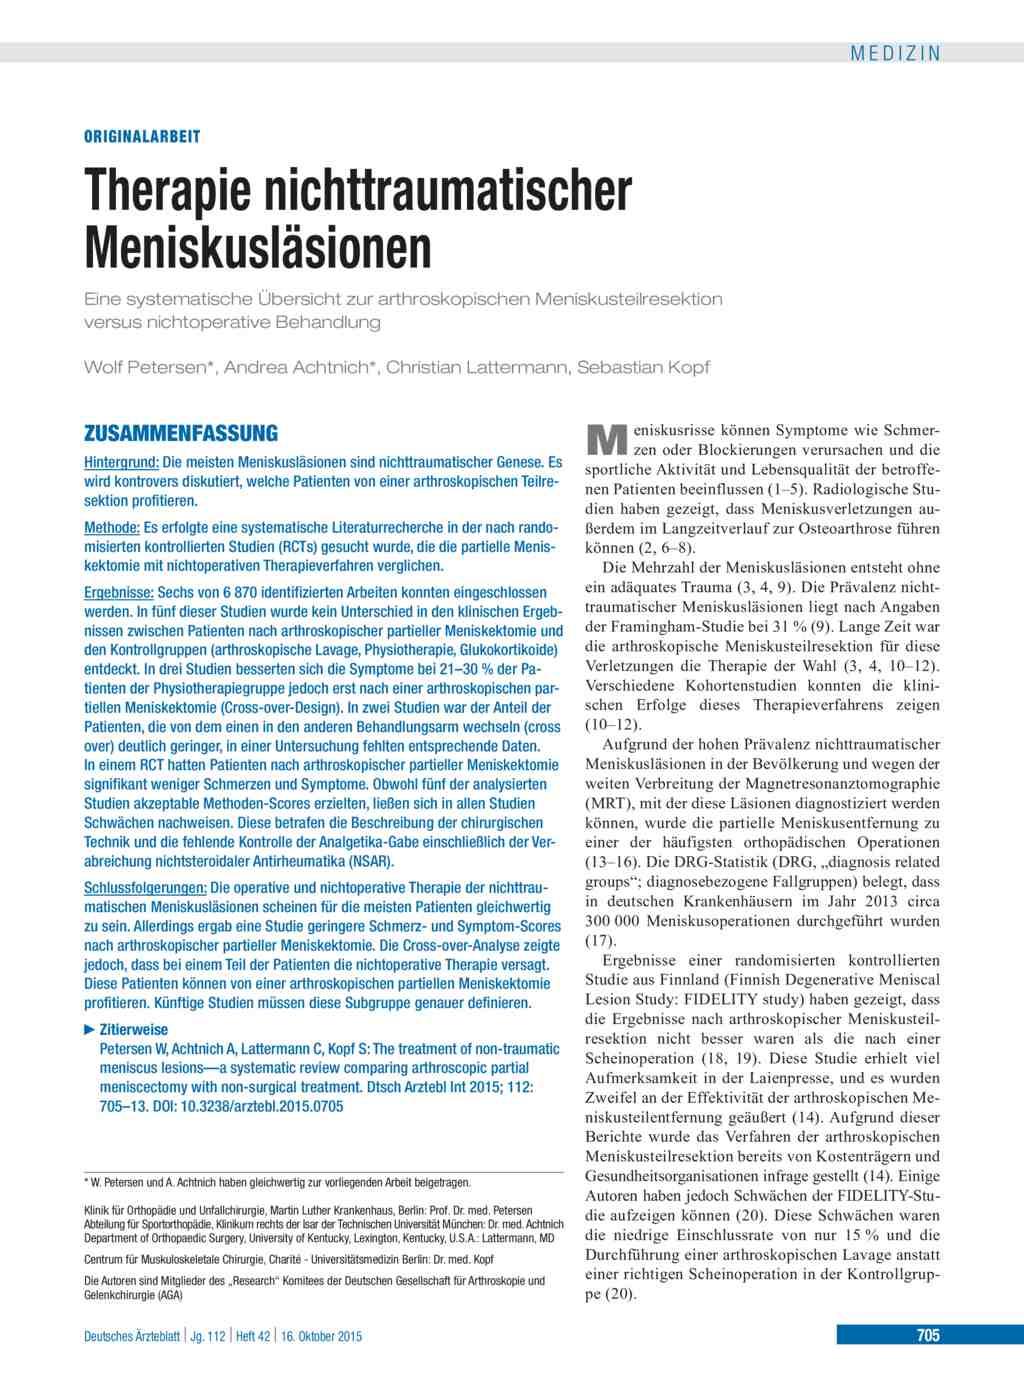 Meniskusresektion – Meniskus(teil)entfernung